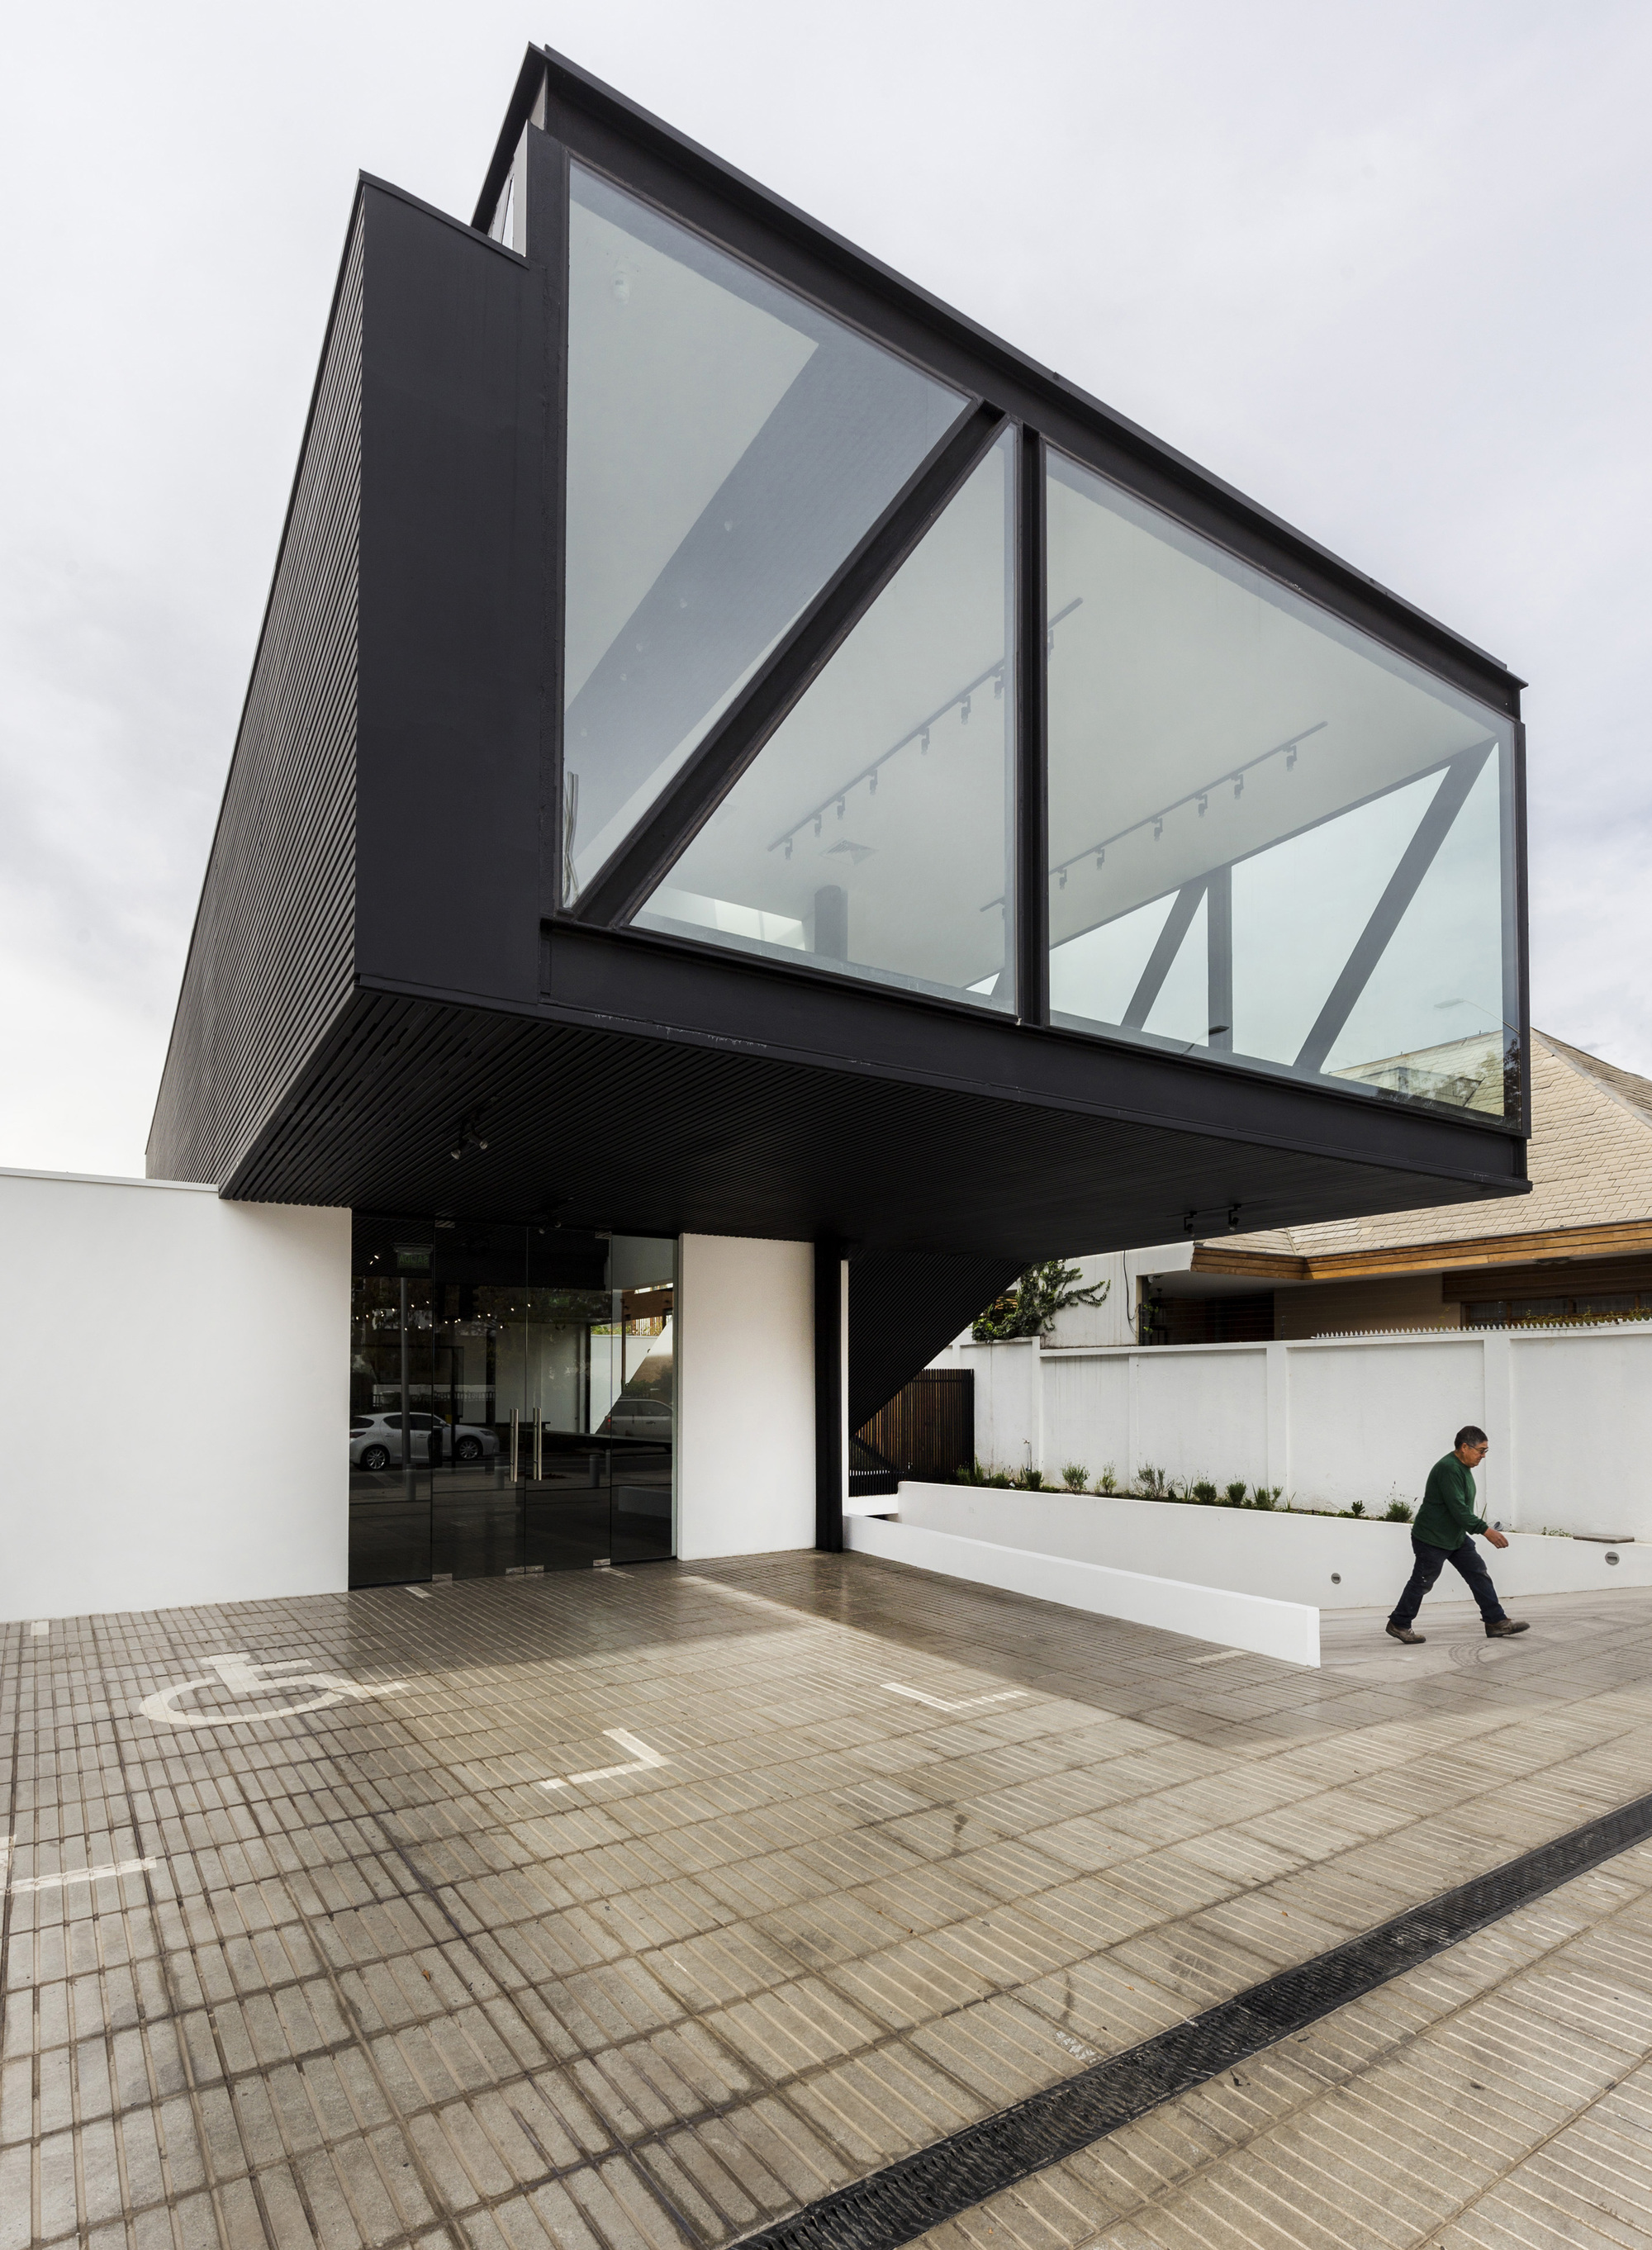 Rey Vitacura / CARREÑO SARTORI arquitectos   Plataforma Arquitectura